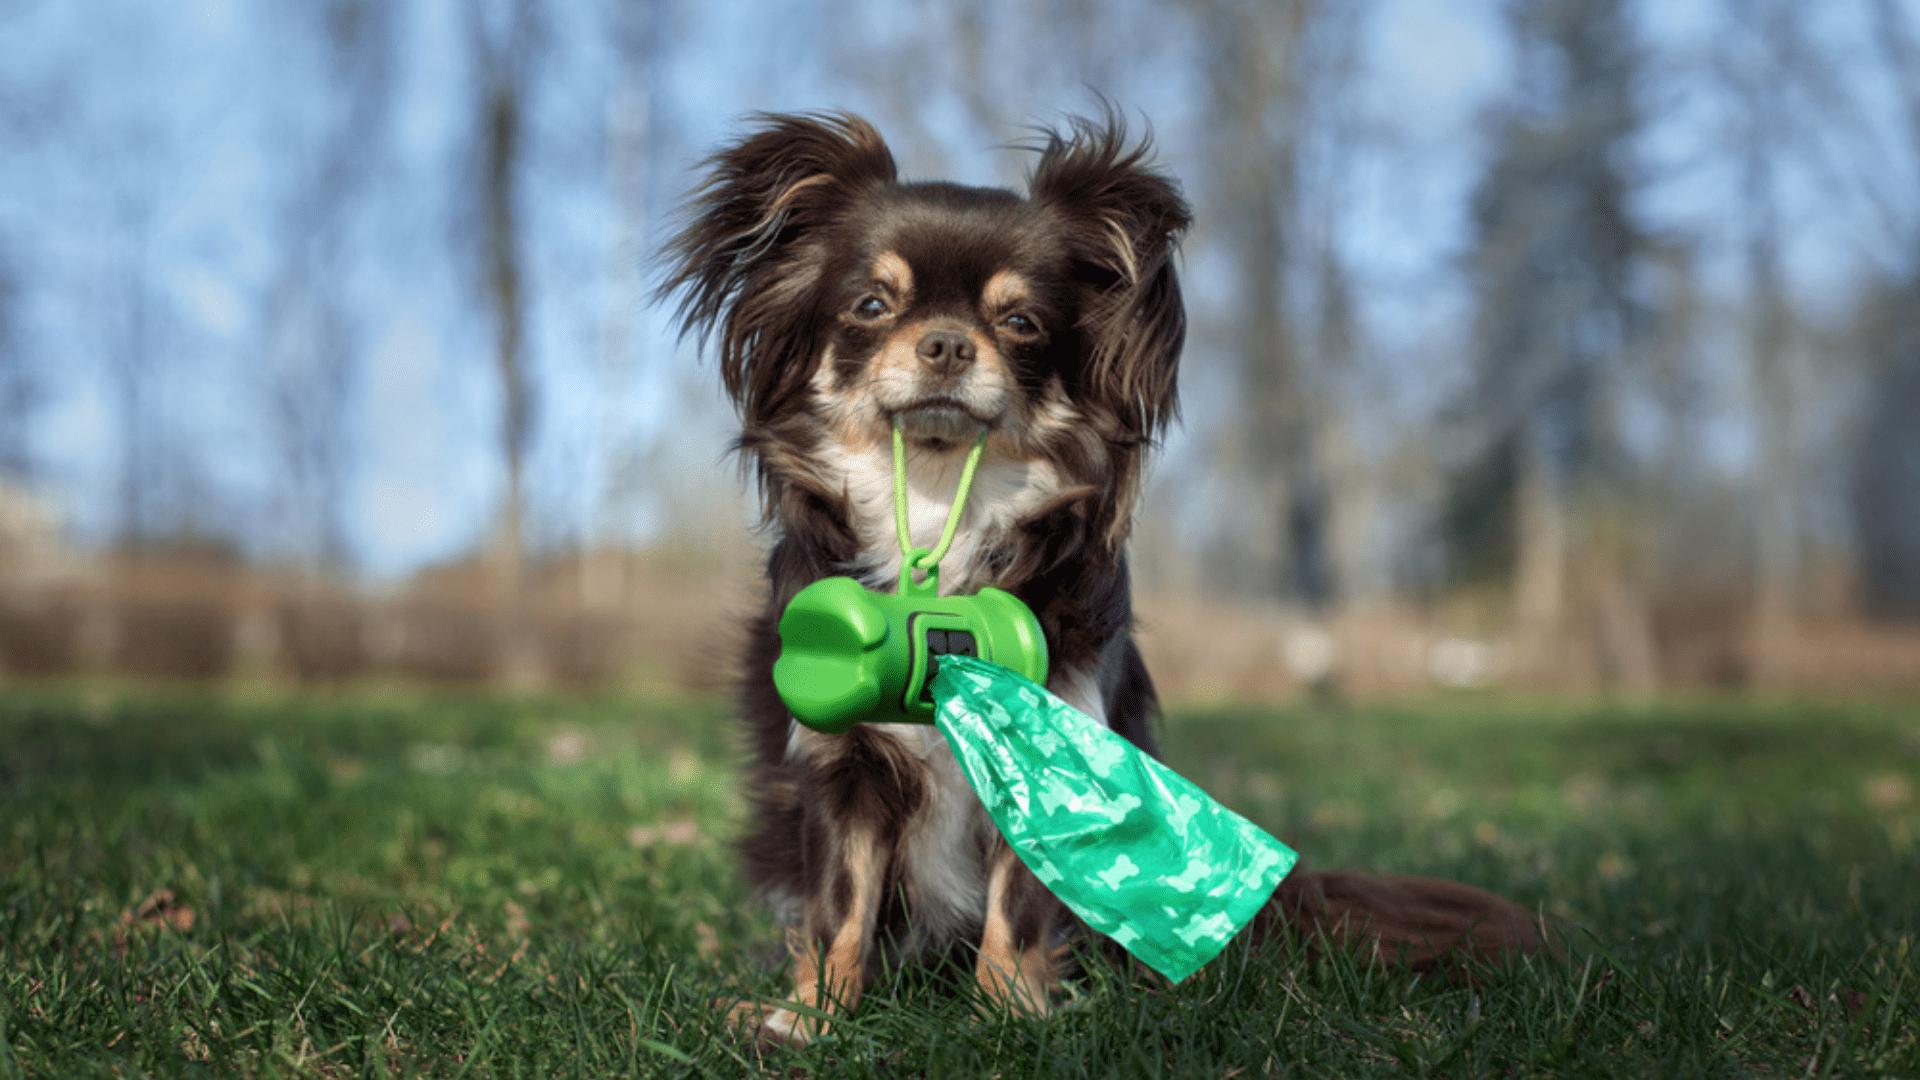 Os saquinhos higiênicos para cachorro normalmente possuem um gancho para acoplar na coleira (Reprodução/Shutterstock)